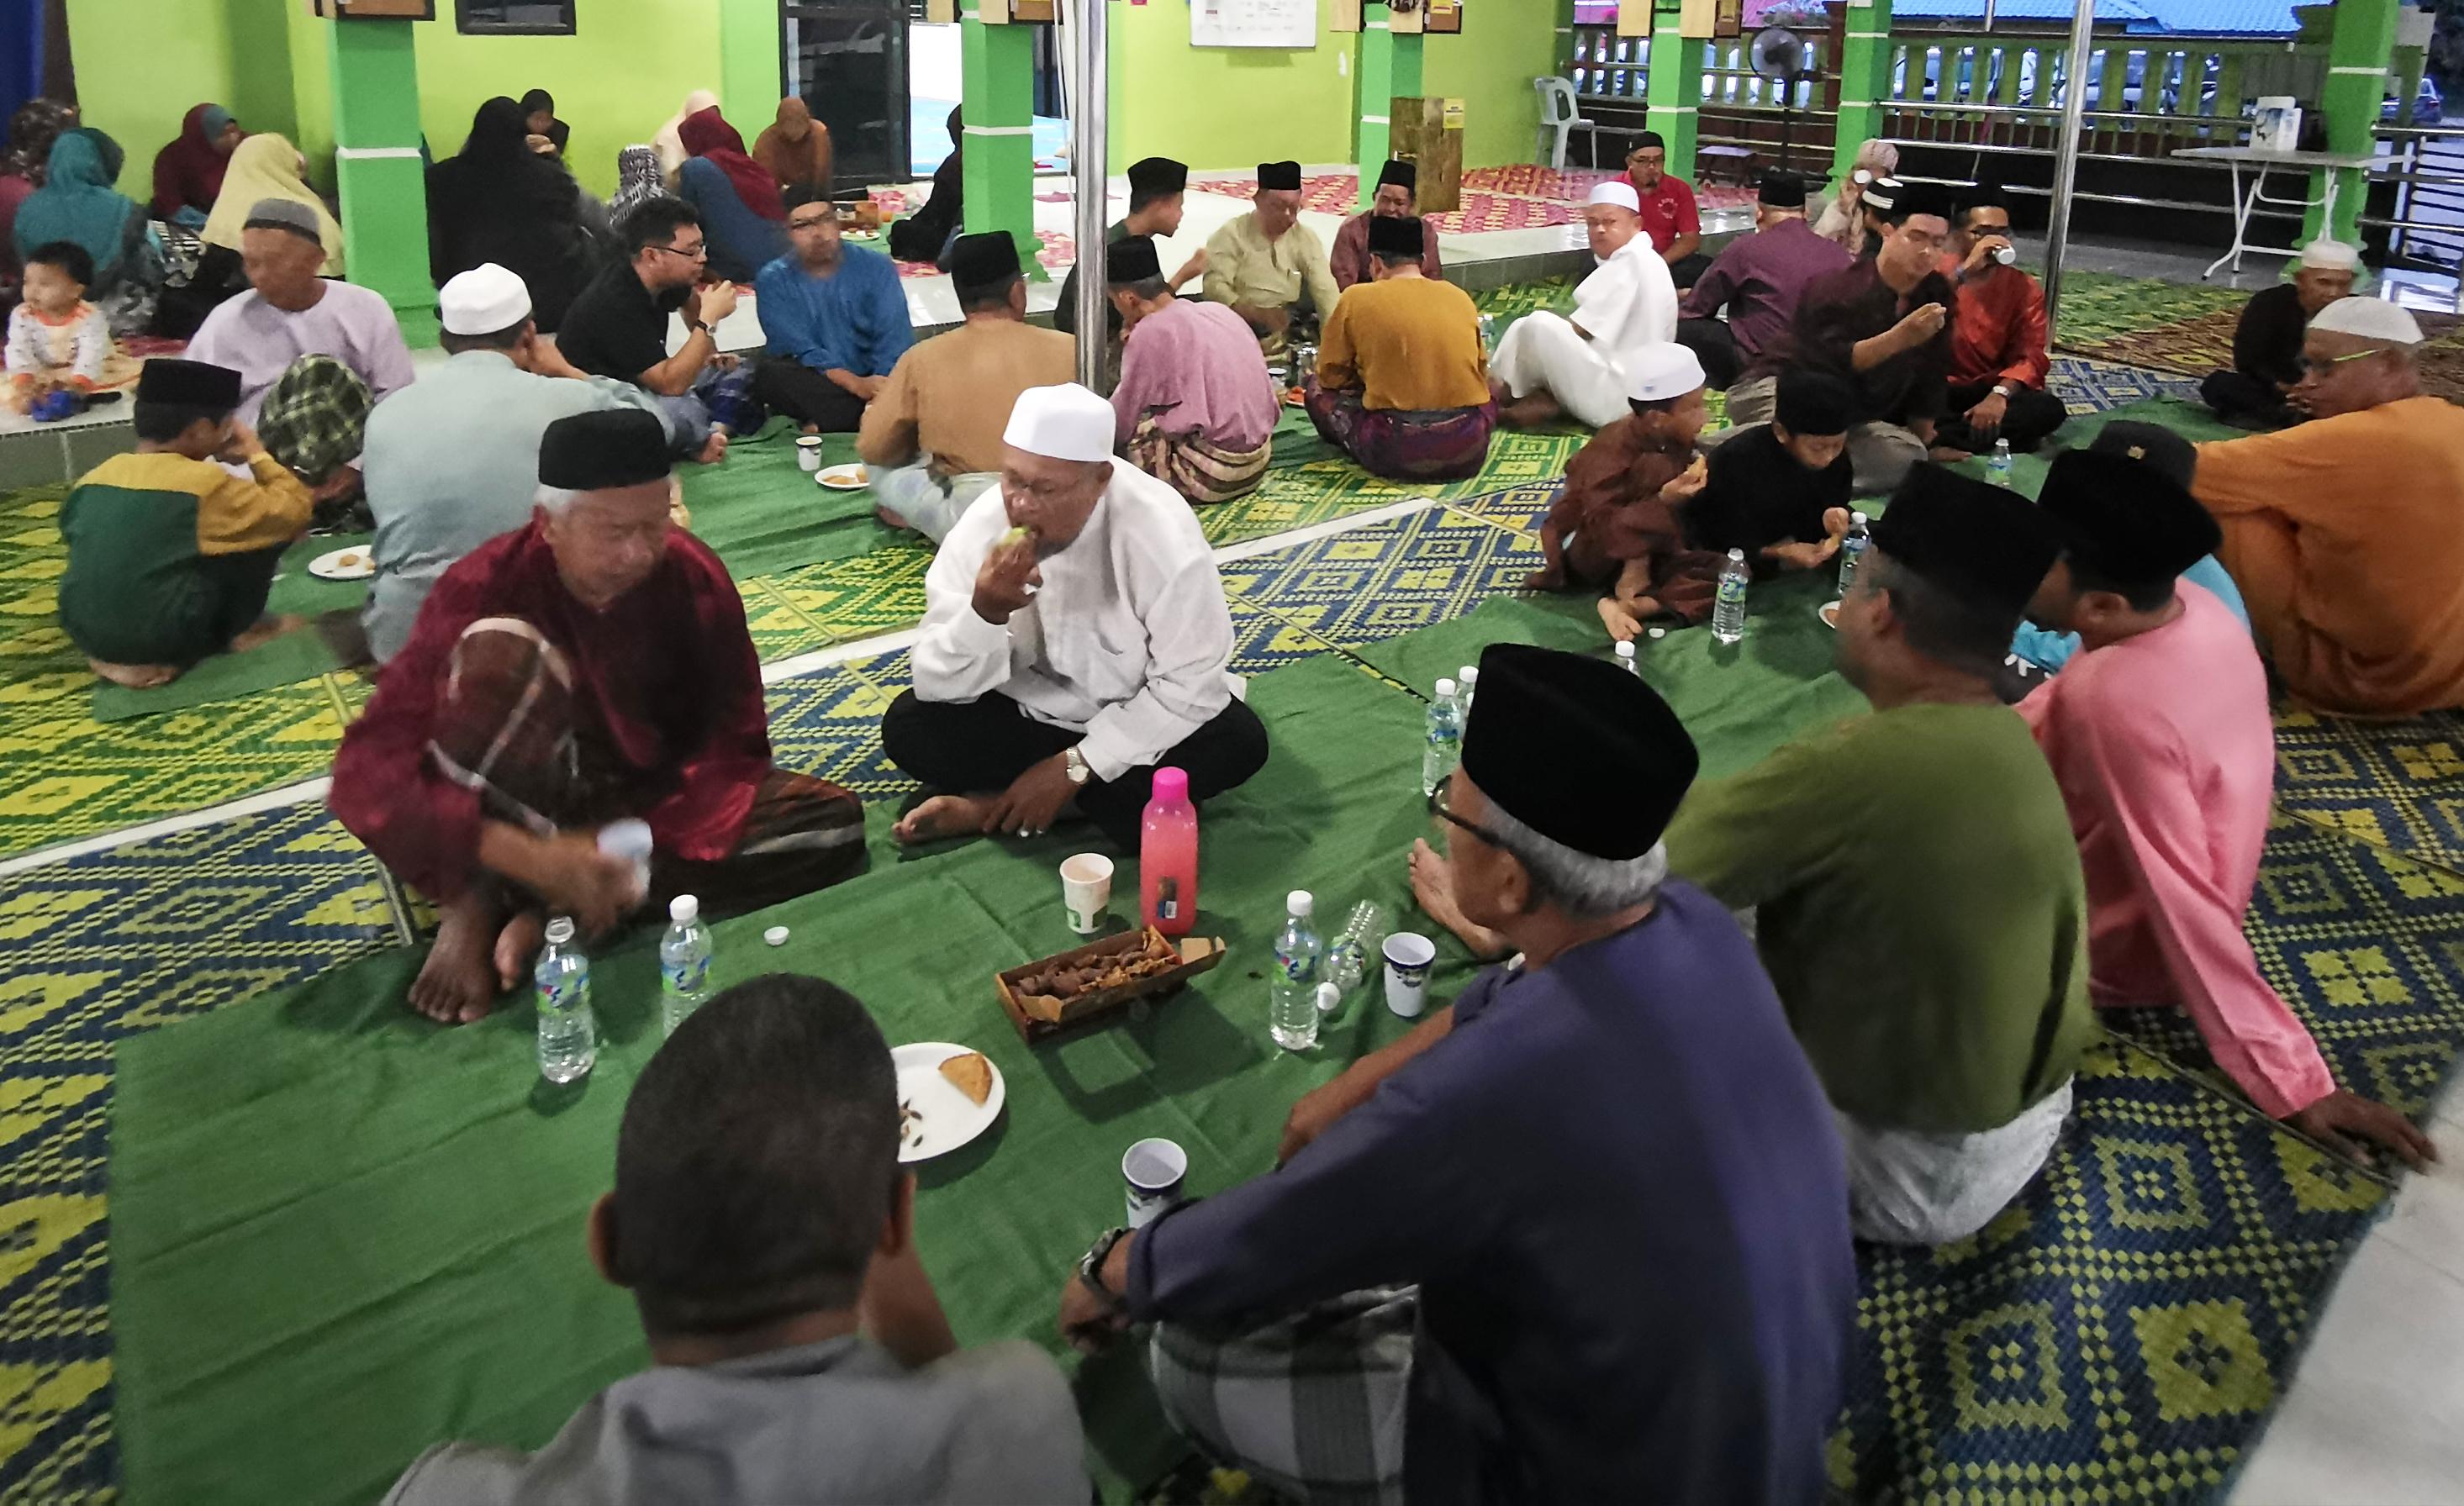 Ziarah Ramadan 2: Masjid Ar-Rashid, Masjid Jamek Kampung Lepau